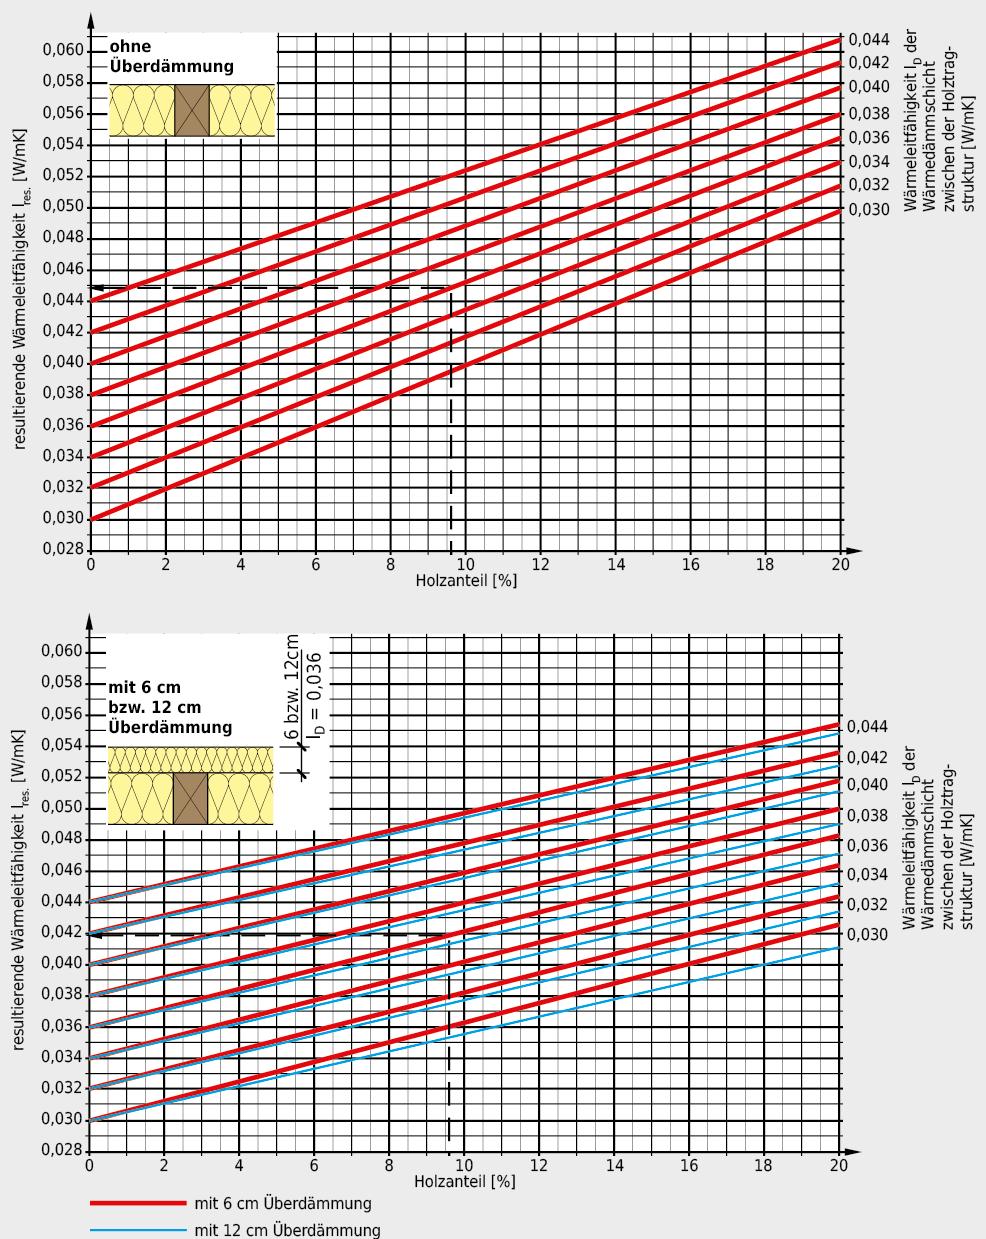 Diagramme Inhomogenität Wärmedämmung/Holz und resultierende Wärmeleitfähigkeit dieser inhomogenen Schicht, abhängig von Holzanteil und Überdämmung.